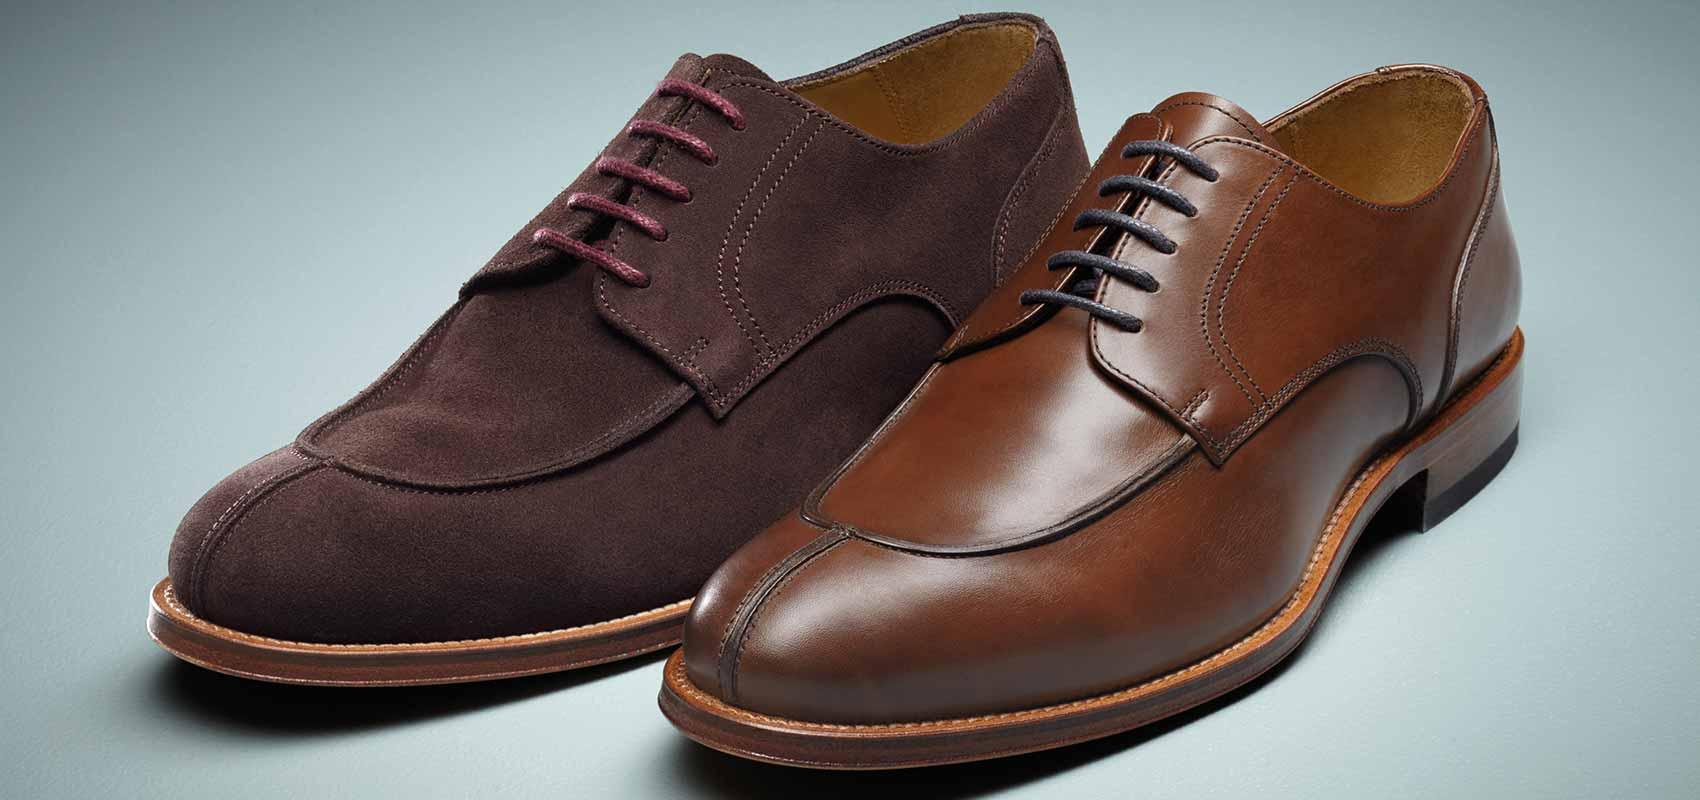 Charles Tyrwhitt Braune Schuhe